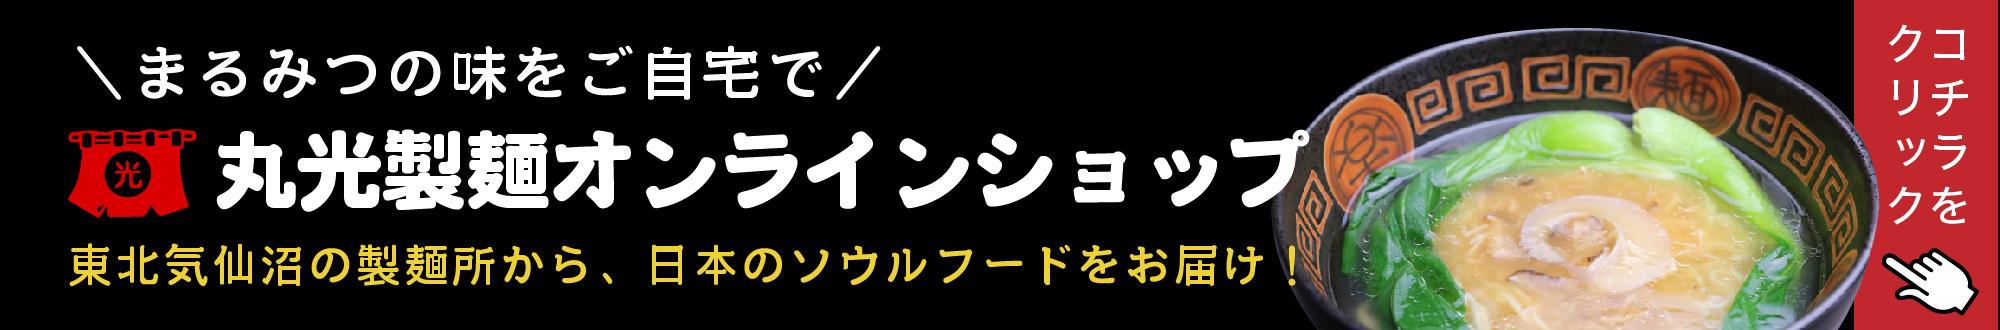 丸光製麺オンラインショップ